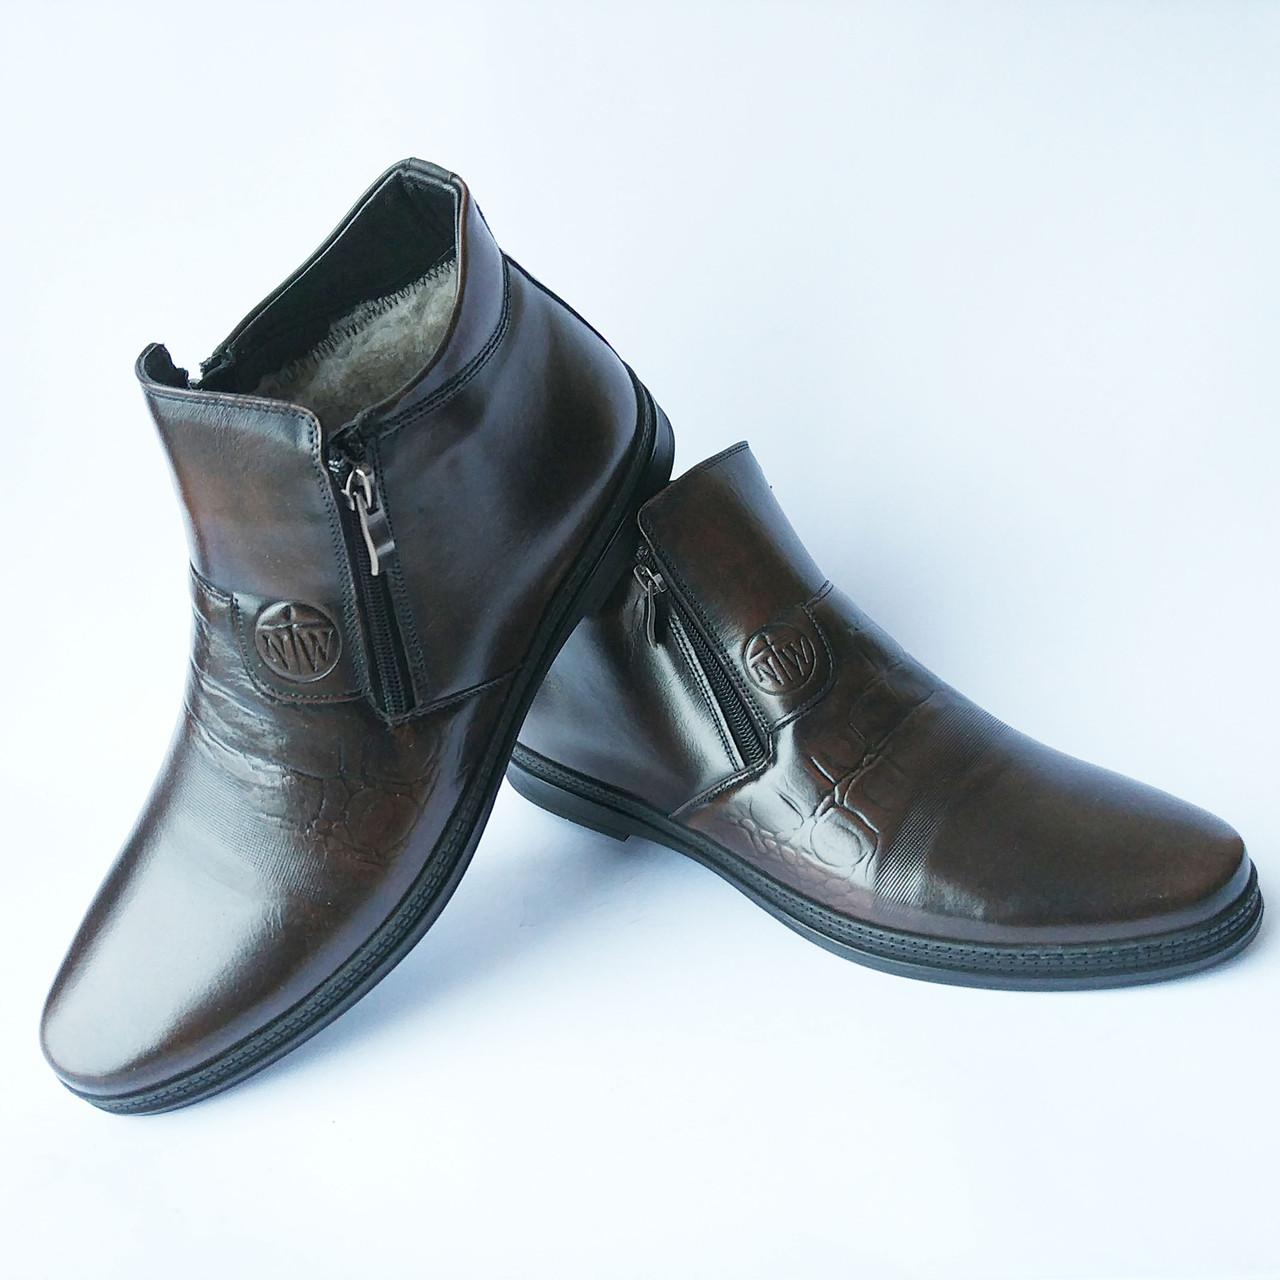 0bd7404670ea Nord обувь Львов   зимние мужские кожаные ботинки, цвета кабир, на  италийском меху -